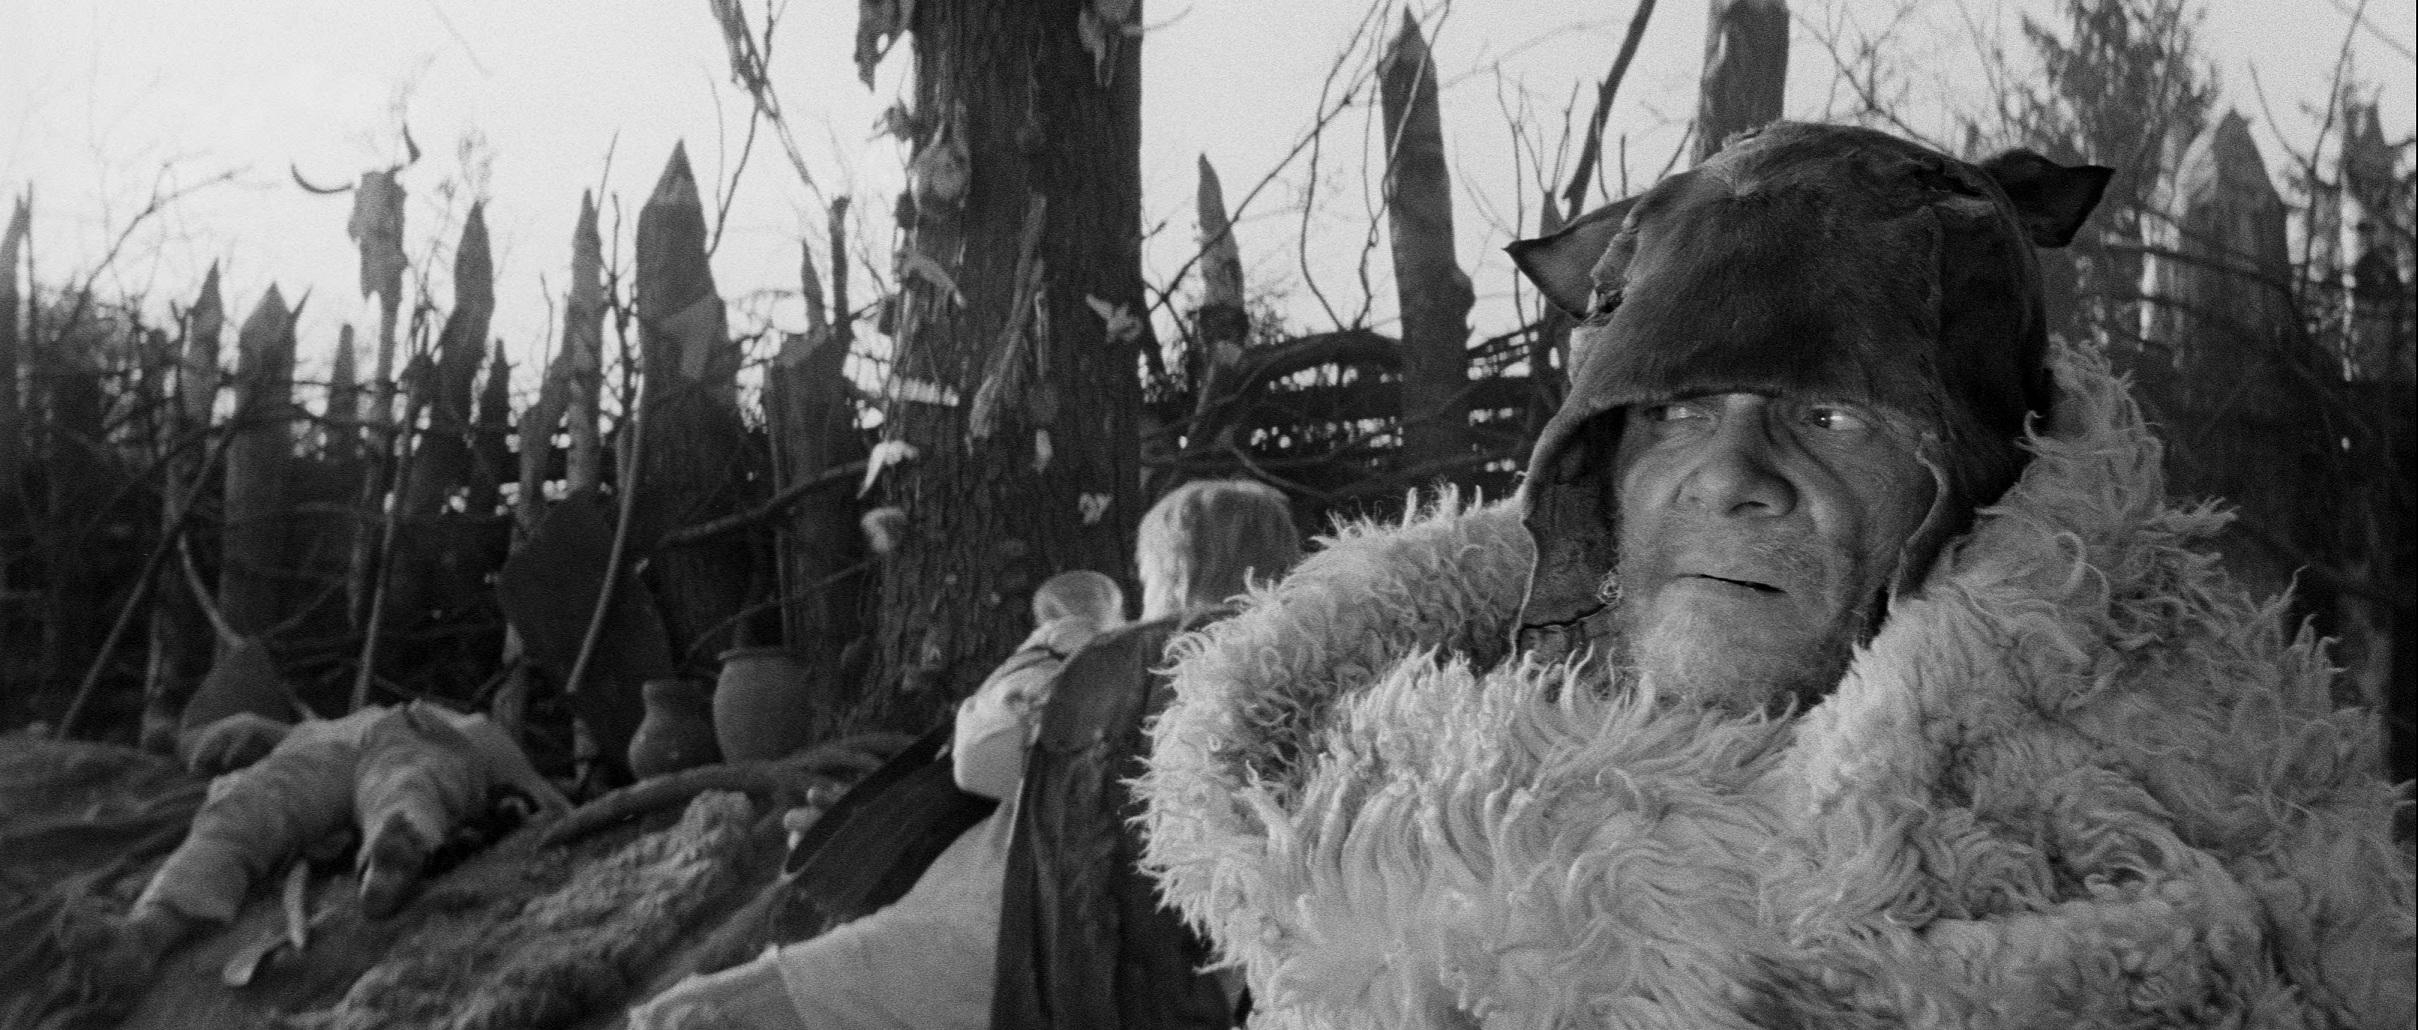 © 1967 Studio Filmowe Barrandov / Státní fond České Republiky